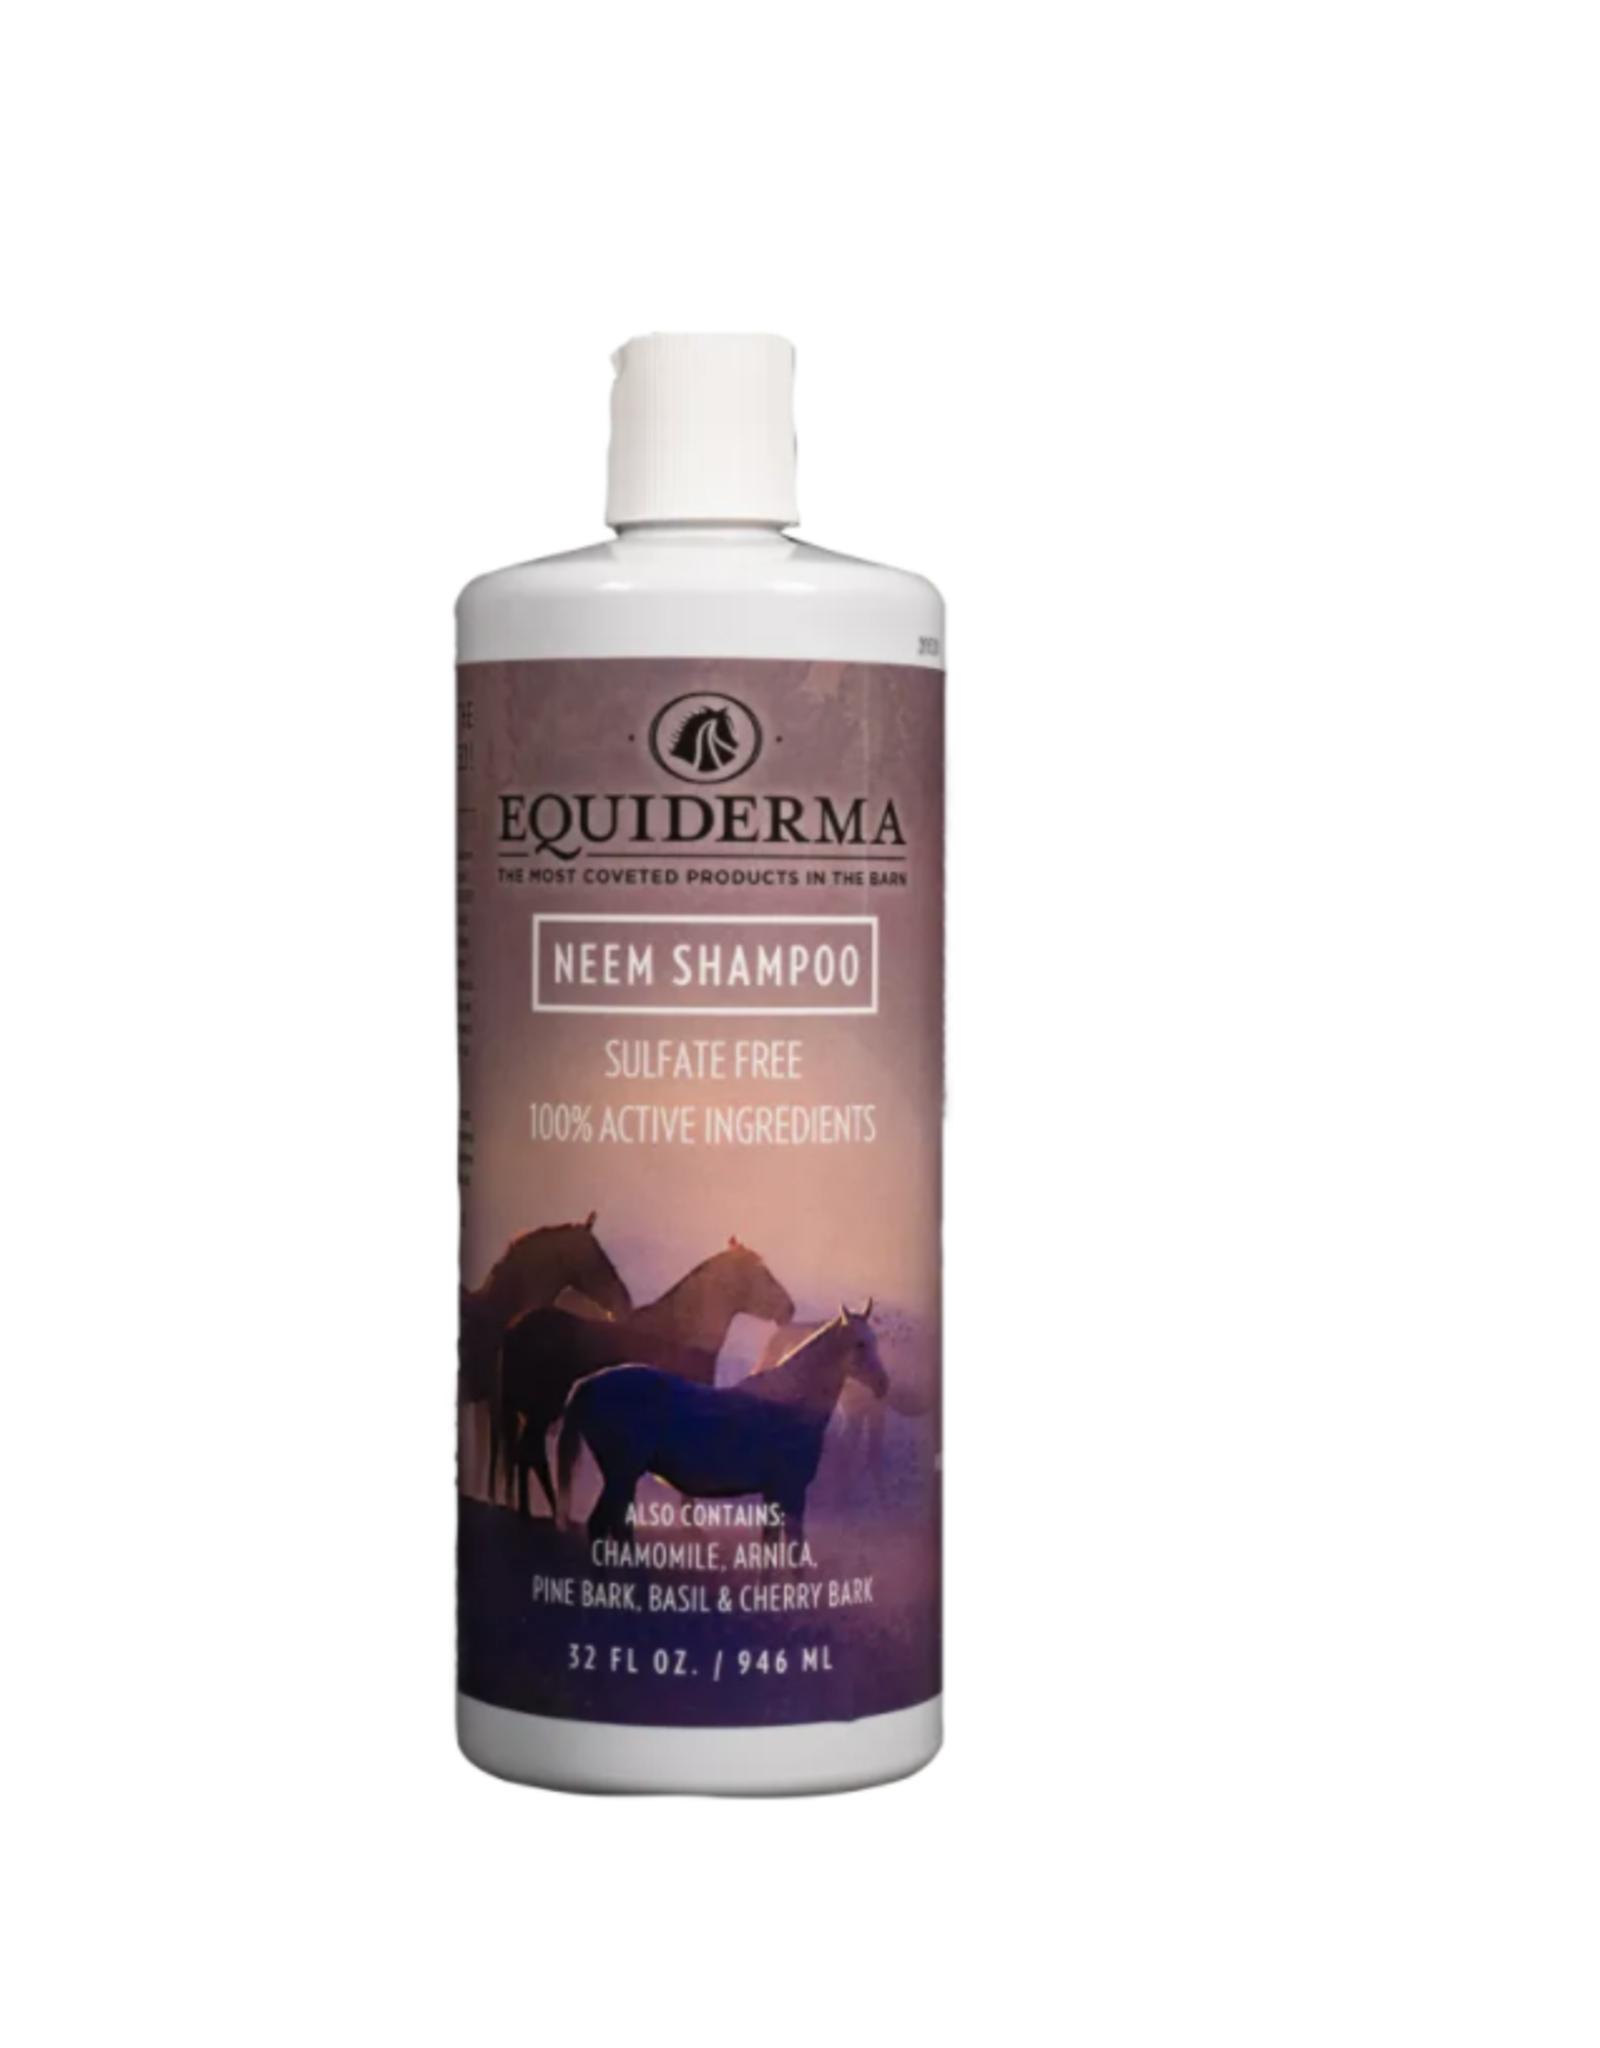 Equiderma Neem Shampoo  - 32oz